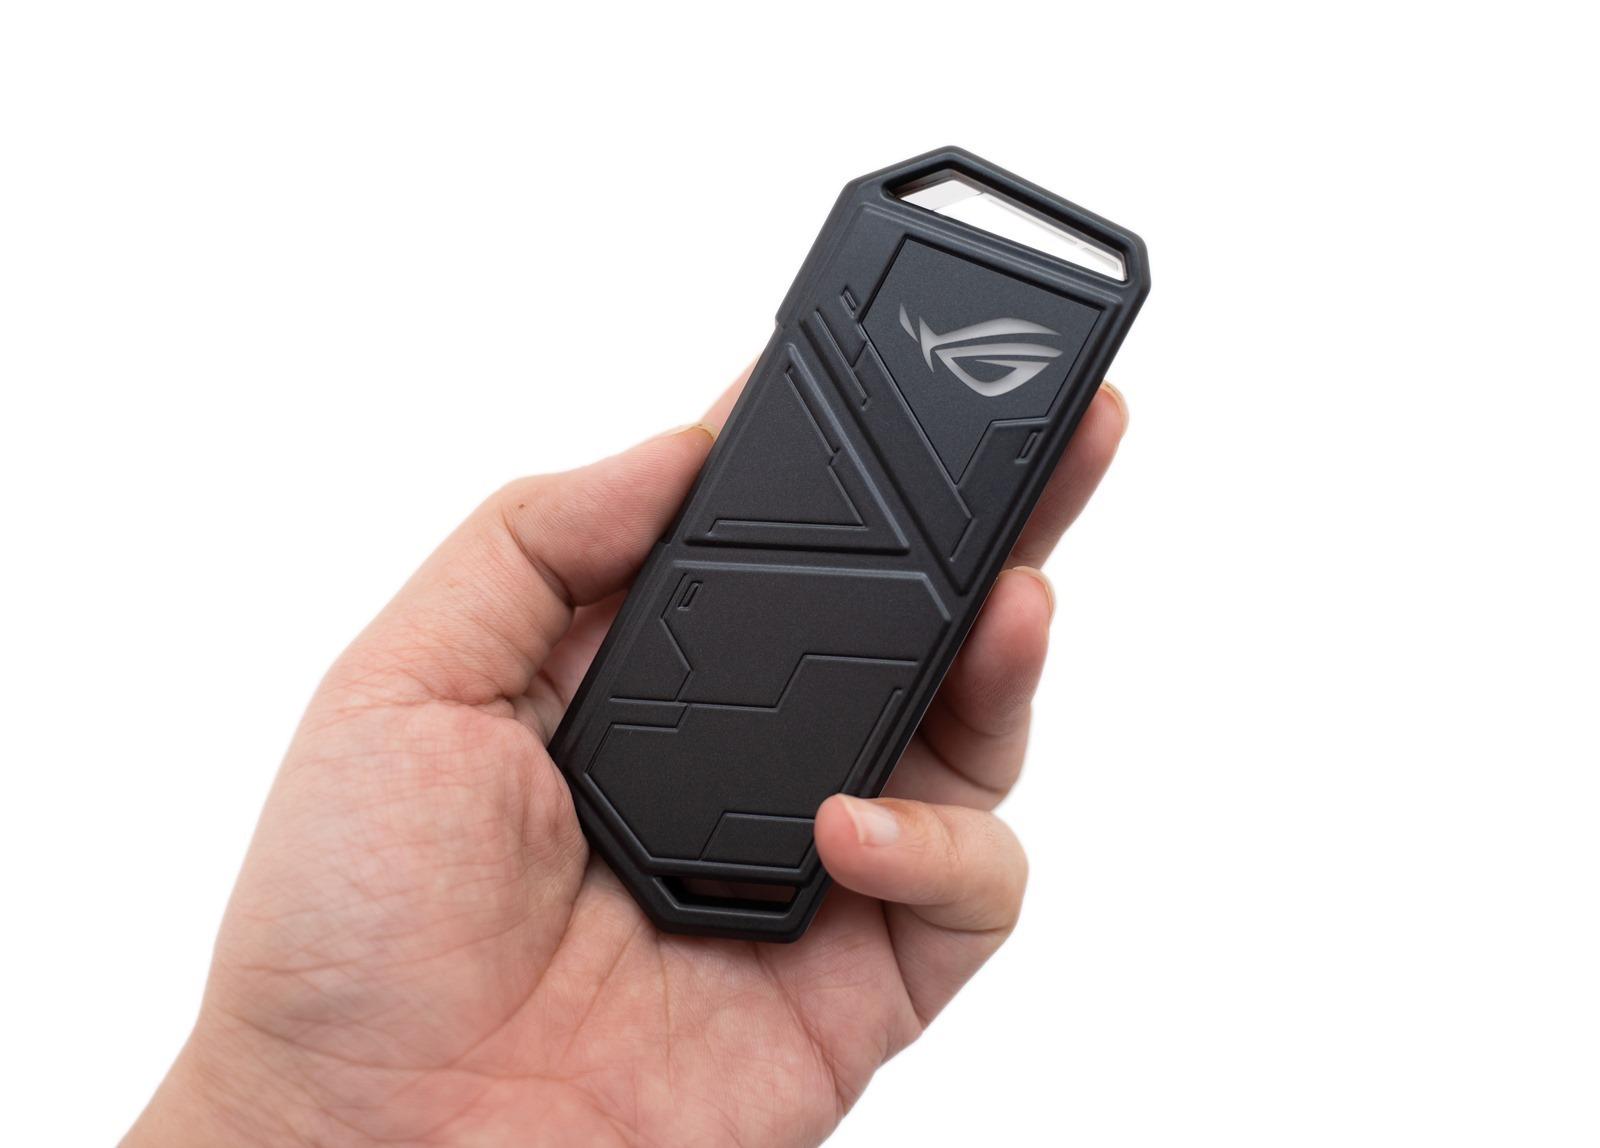 【開箱】ROG Strix Arion SSD 固態硬碟外接盒,性能頂級之外帥氣更是加分項!